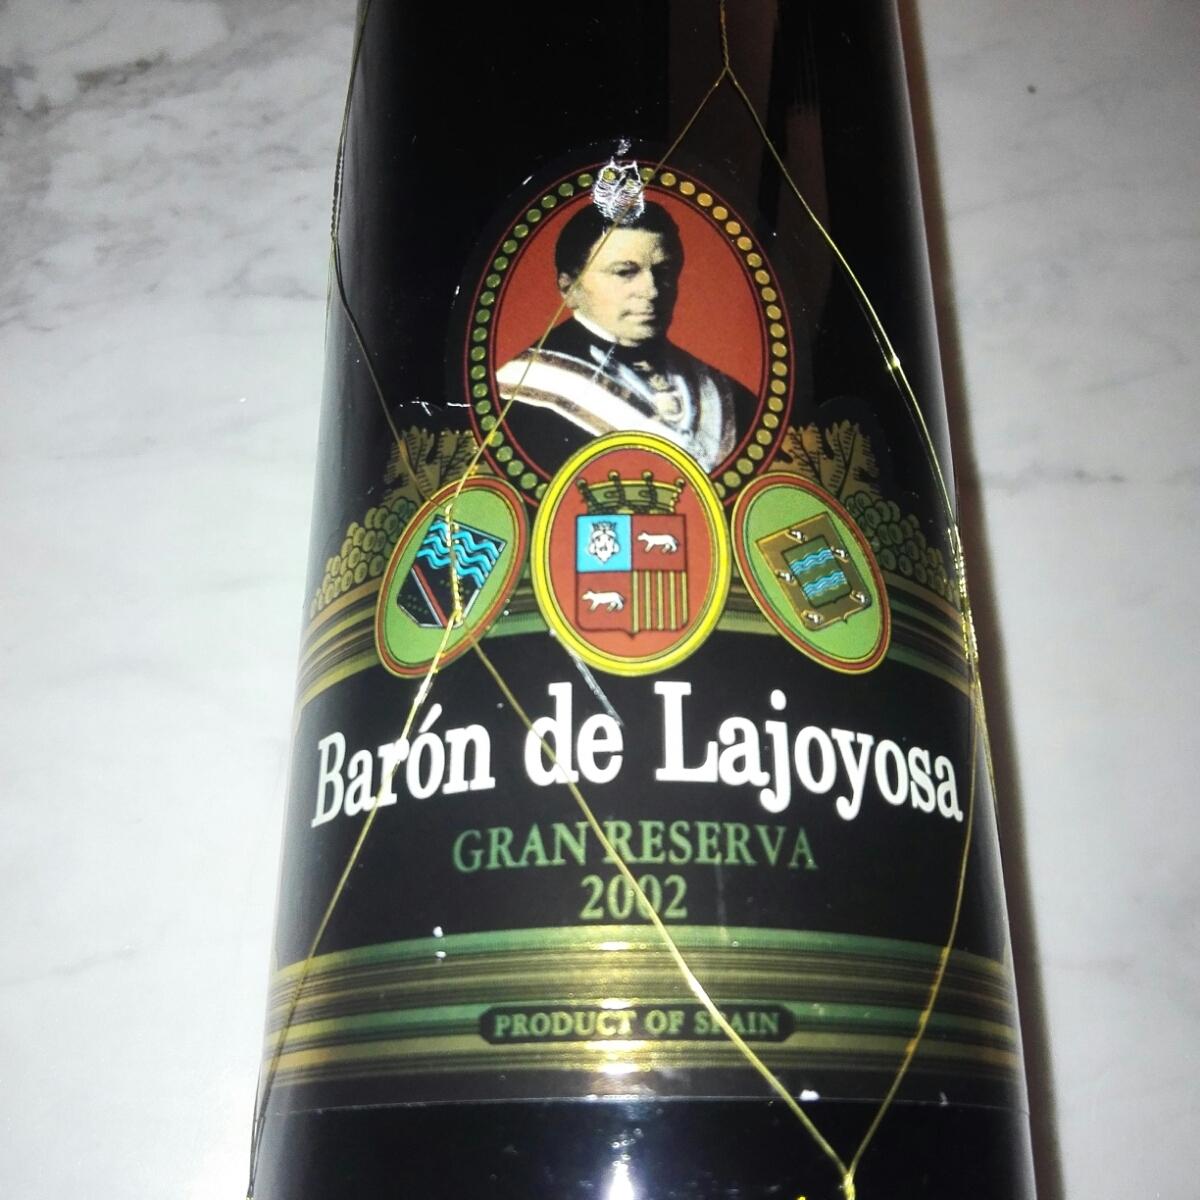 2002年ワイン Baron de Lajoyosa GRAN RESERVA 2002 バロン・ドゥ・ラホヤサ グラン レゼルバ スペイン 赤ワイン ピーロート ジャパン_画像2